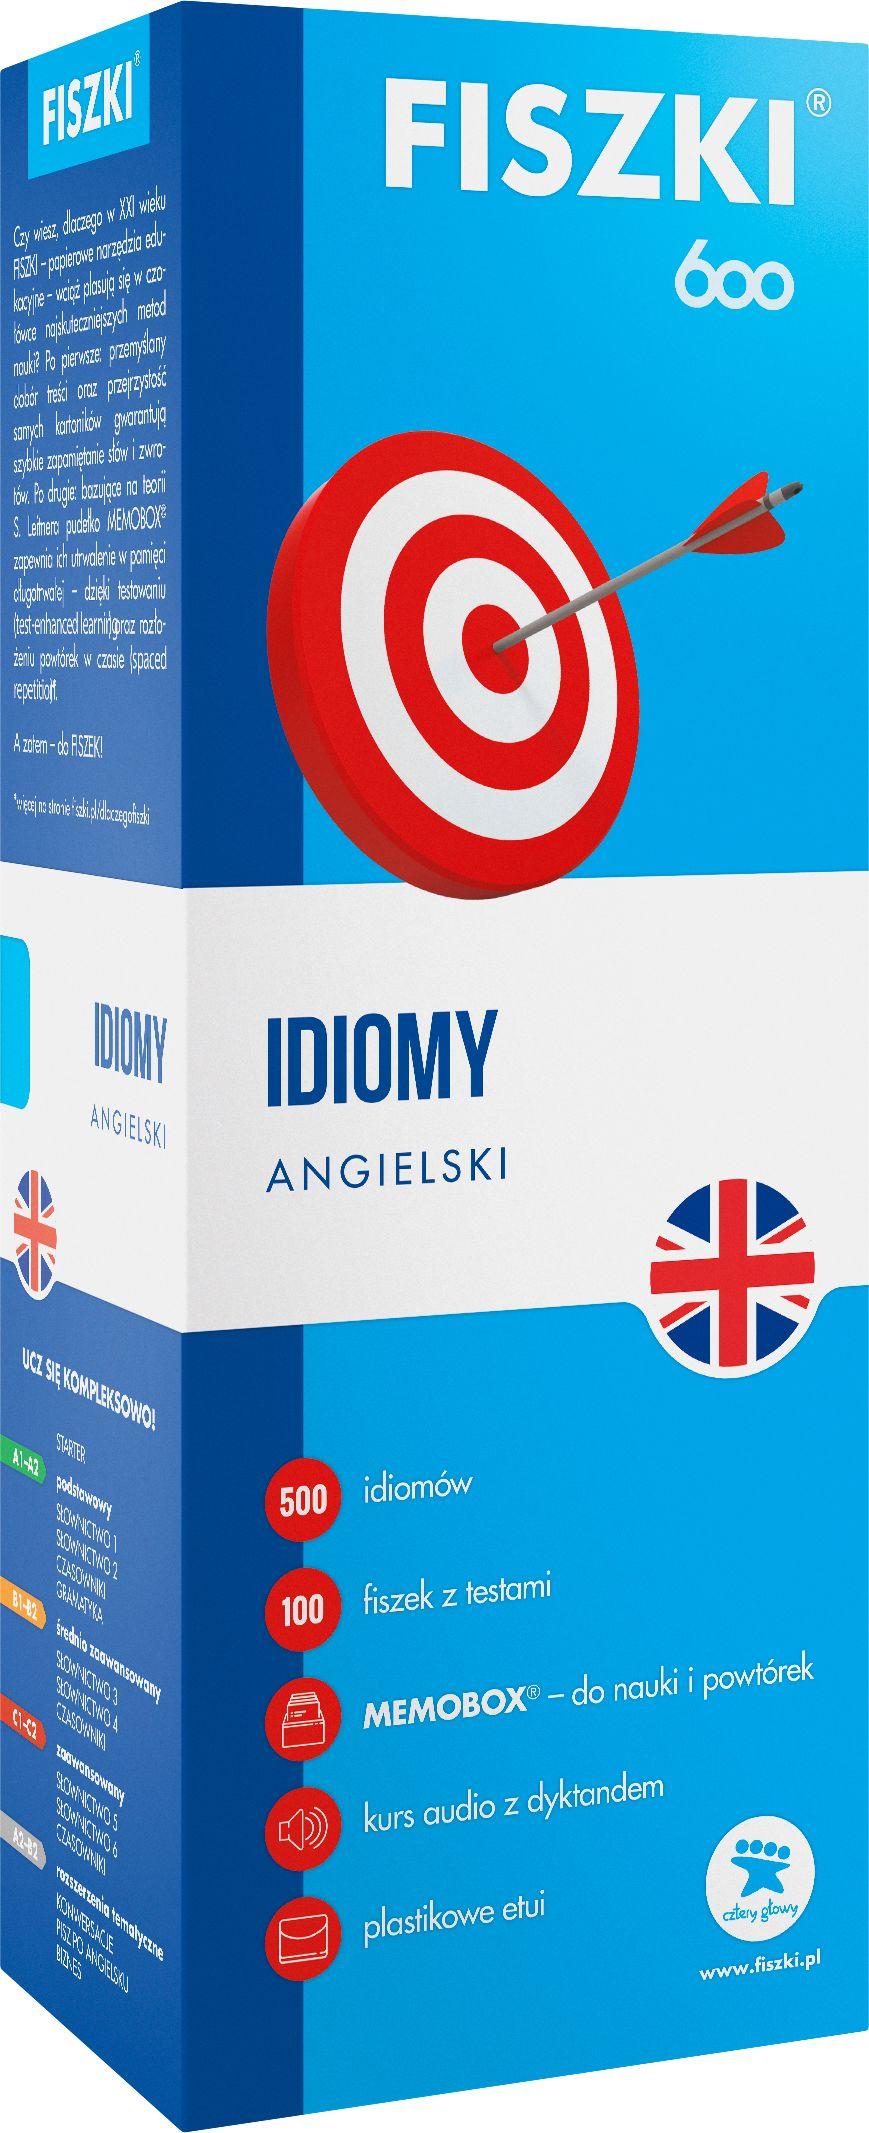 FISZKI - angielski - Idiomy